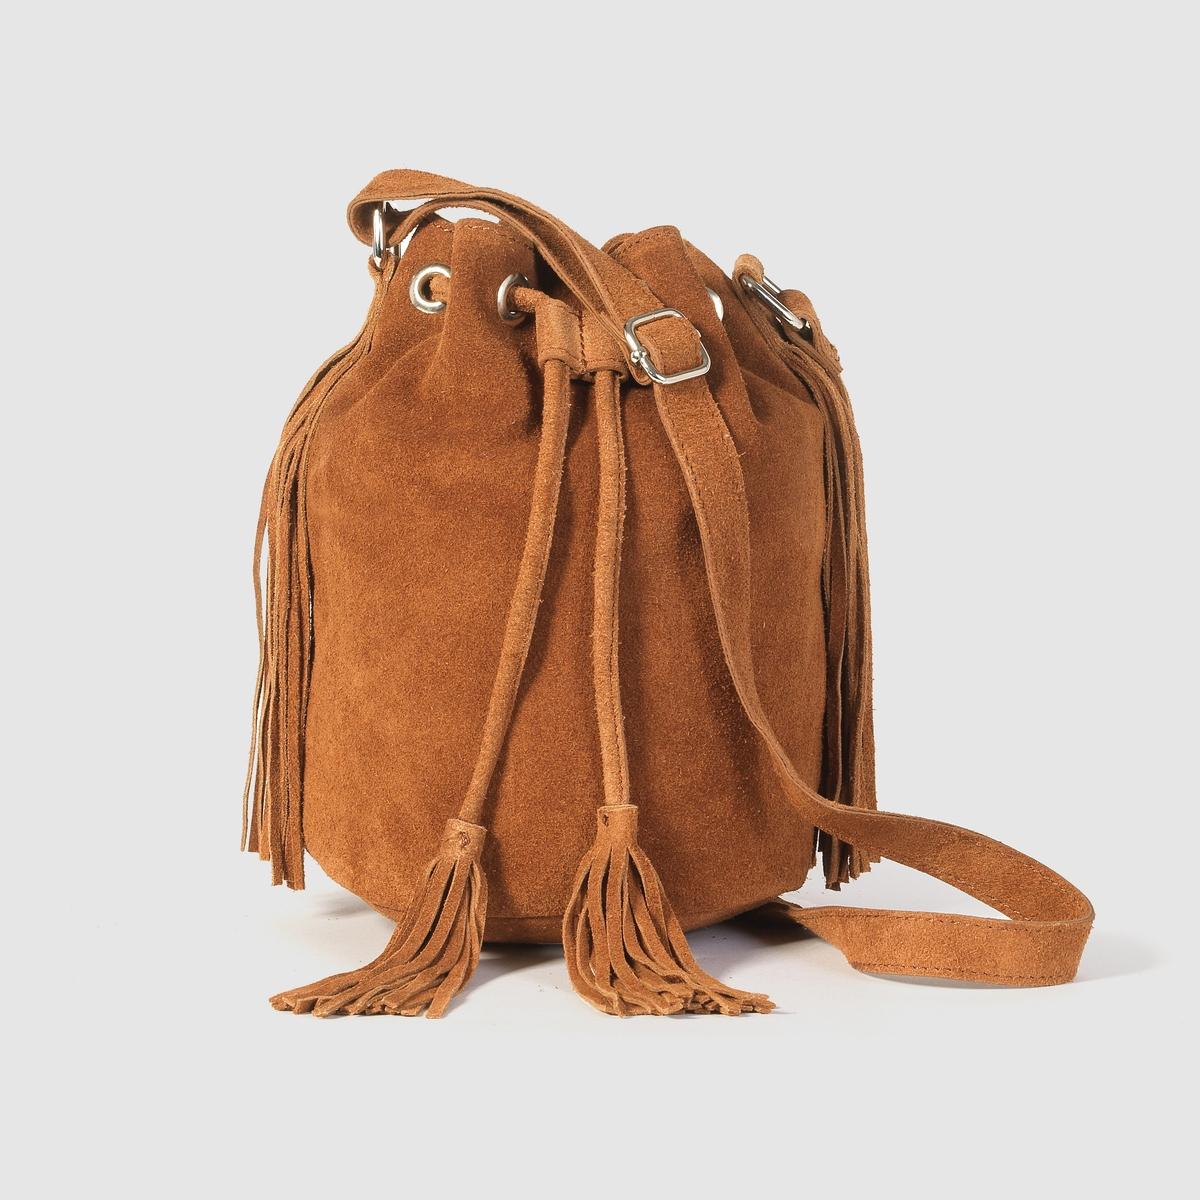 Сумка-торба кожанаяНебольшая сумка-торба из невыделанной кожи, с бахромой, Mademoiselle R .Стильная отделка бахромой и завязка на кулиске для быстрого закрывания  : с этой сумкой хочется отправиться открывать новые городские пространства  ! Состав и описаниеМатериал             верх : спилок                          подкладка : текстильМарка            Mademoiselle RРазмеры :    диаметр 17 см x высота 24 смЗастежка : завязки на кулиске с помпонами на концах из спилка.Регулируемый плечевой ремень.<br><br>Цвет: бордовый,темно-бежевый<br>Размер: единый размер